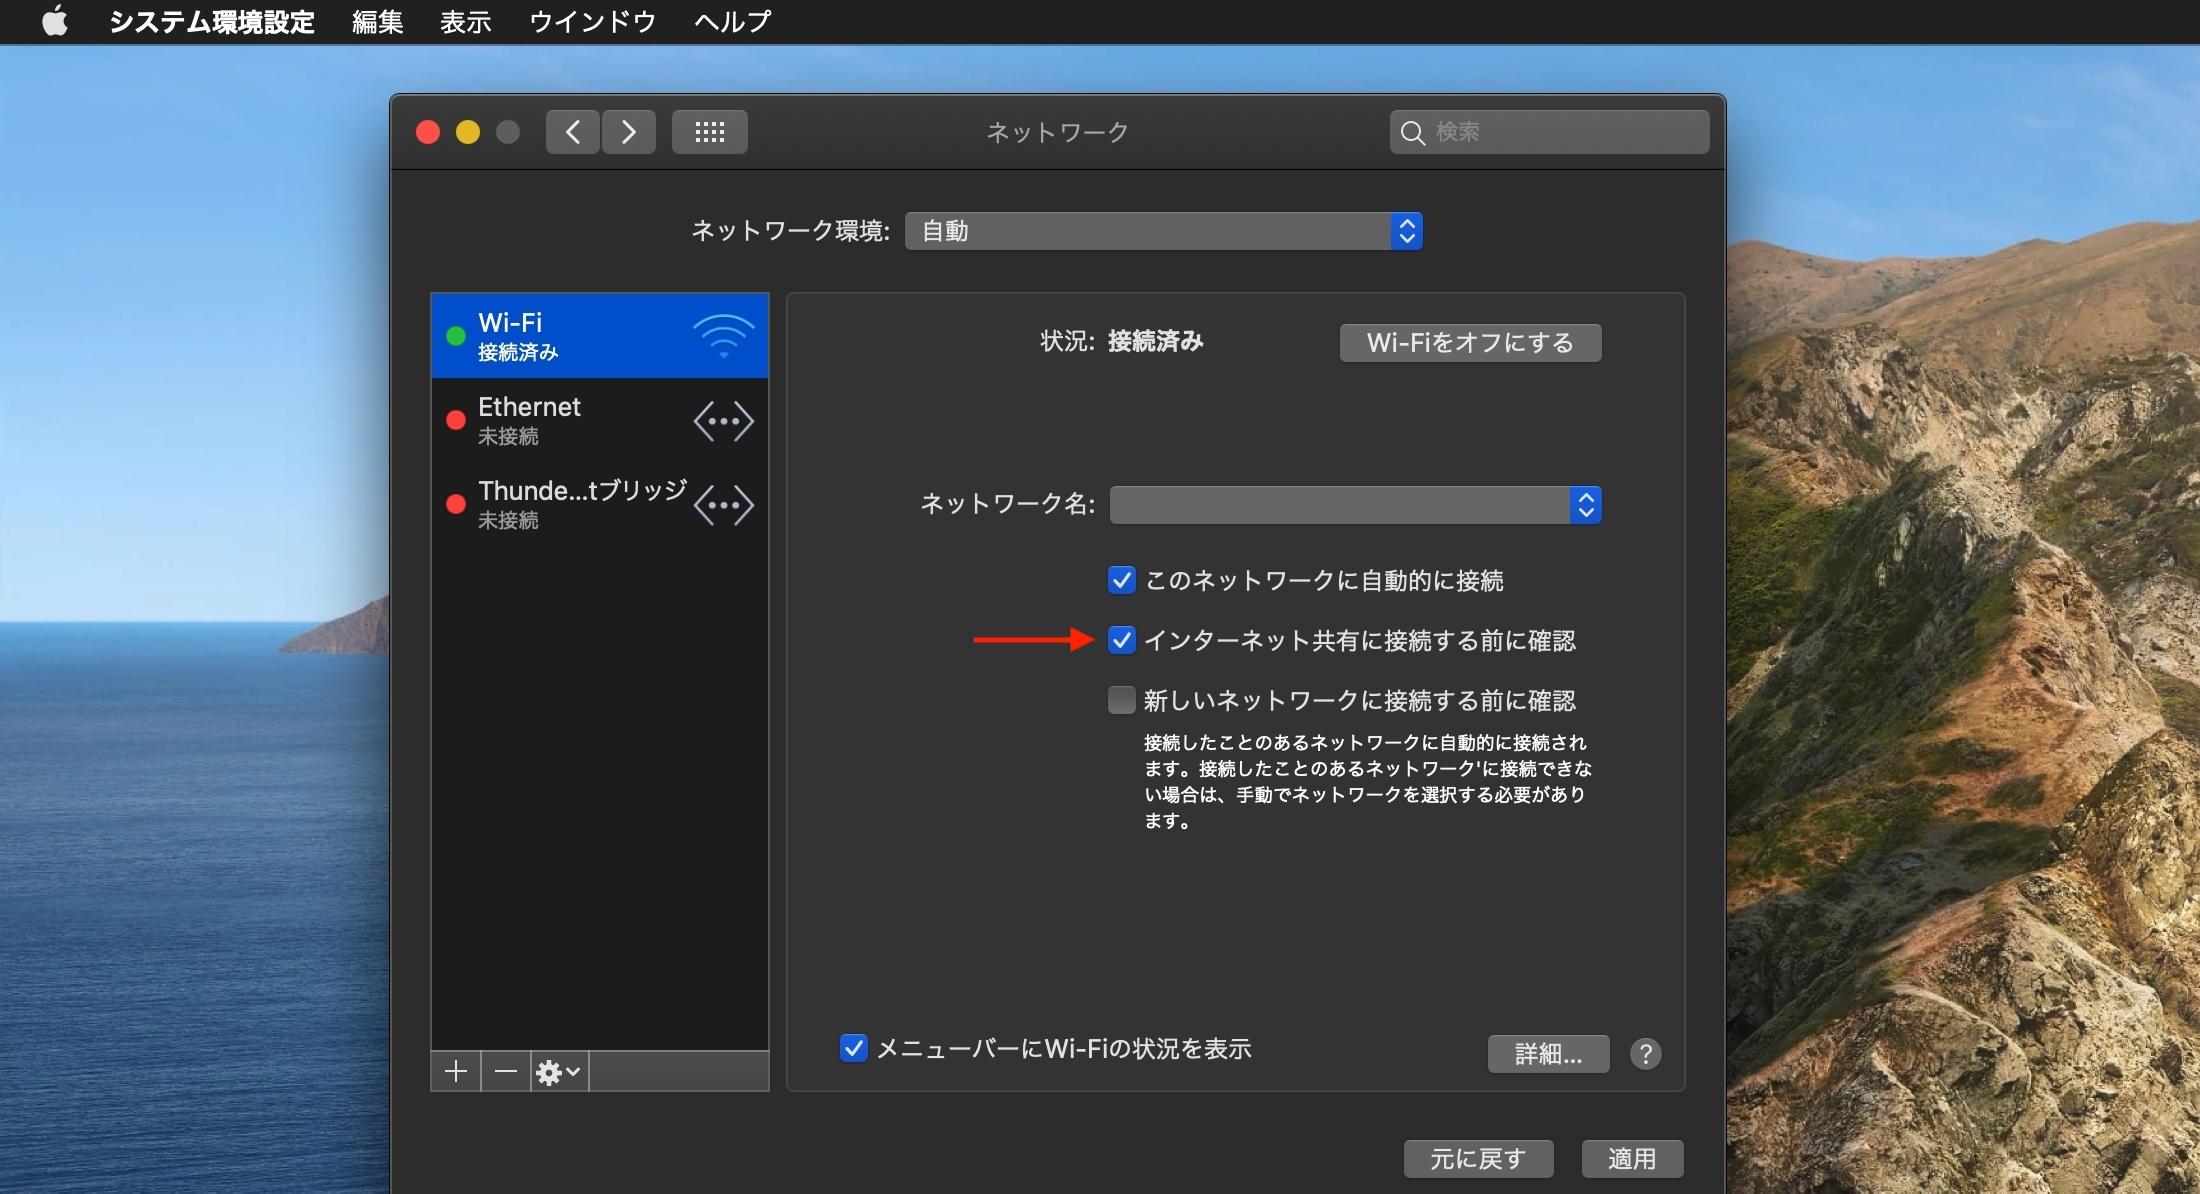 macOS 10.15 Catalinaのインターネット共有に接続する前に確認